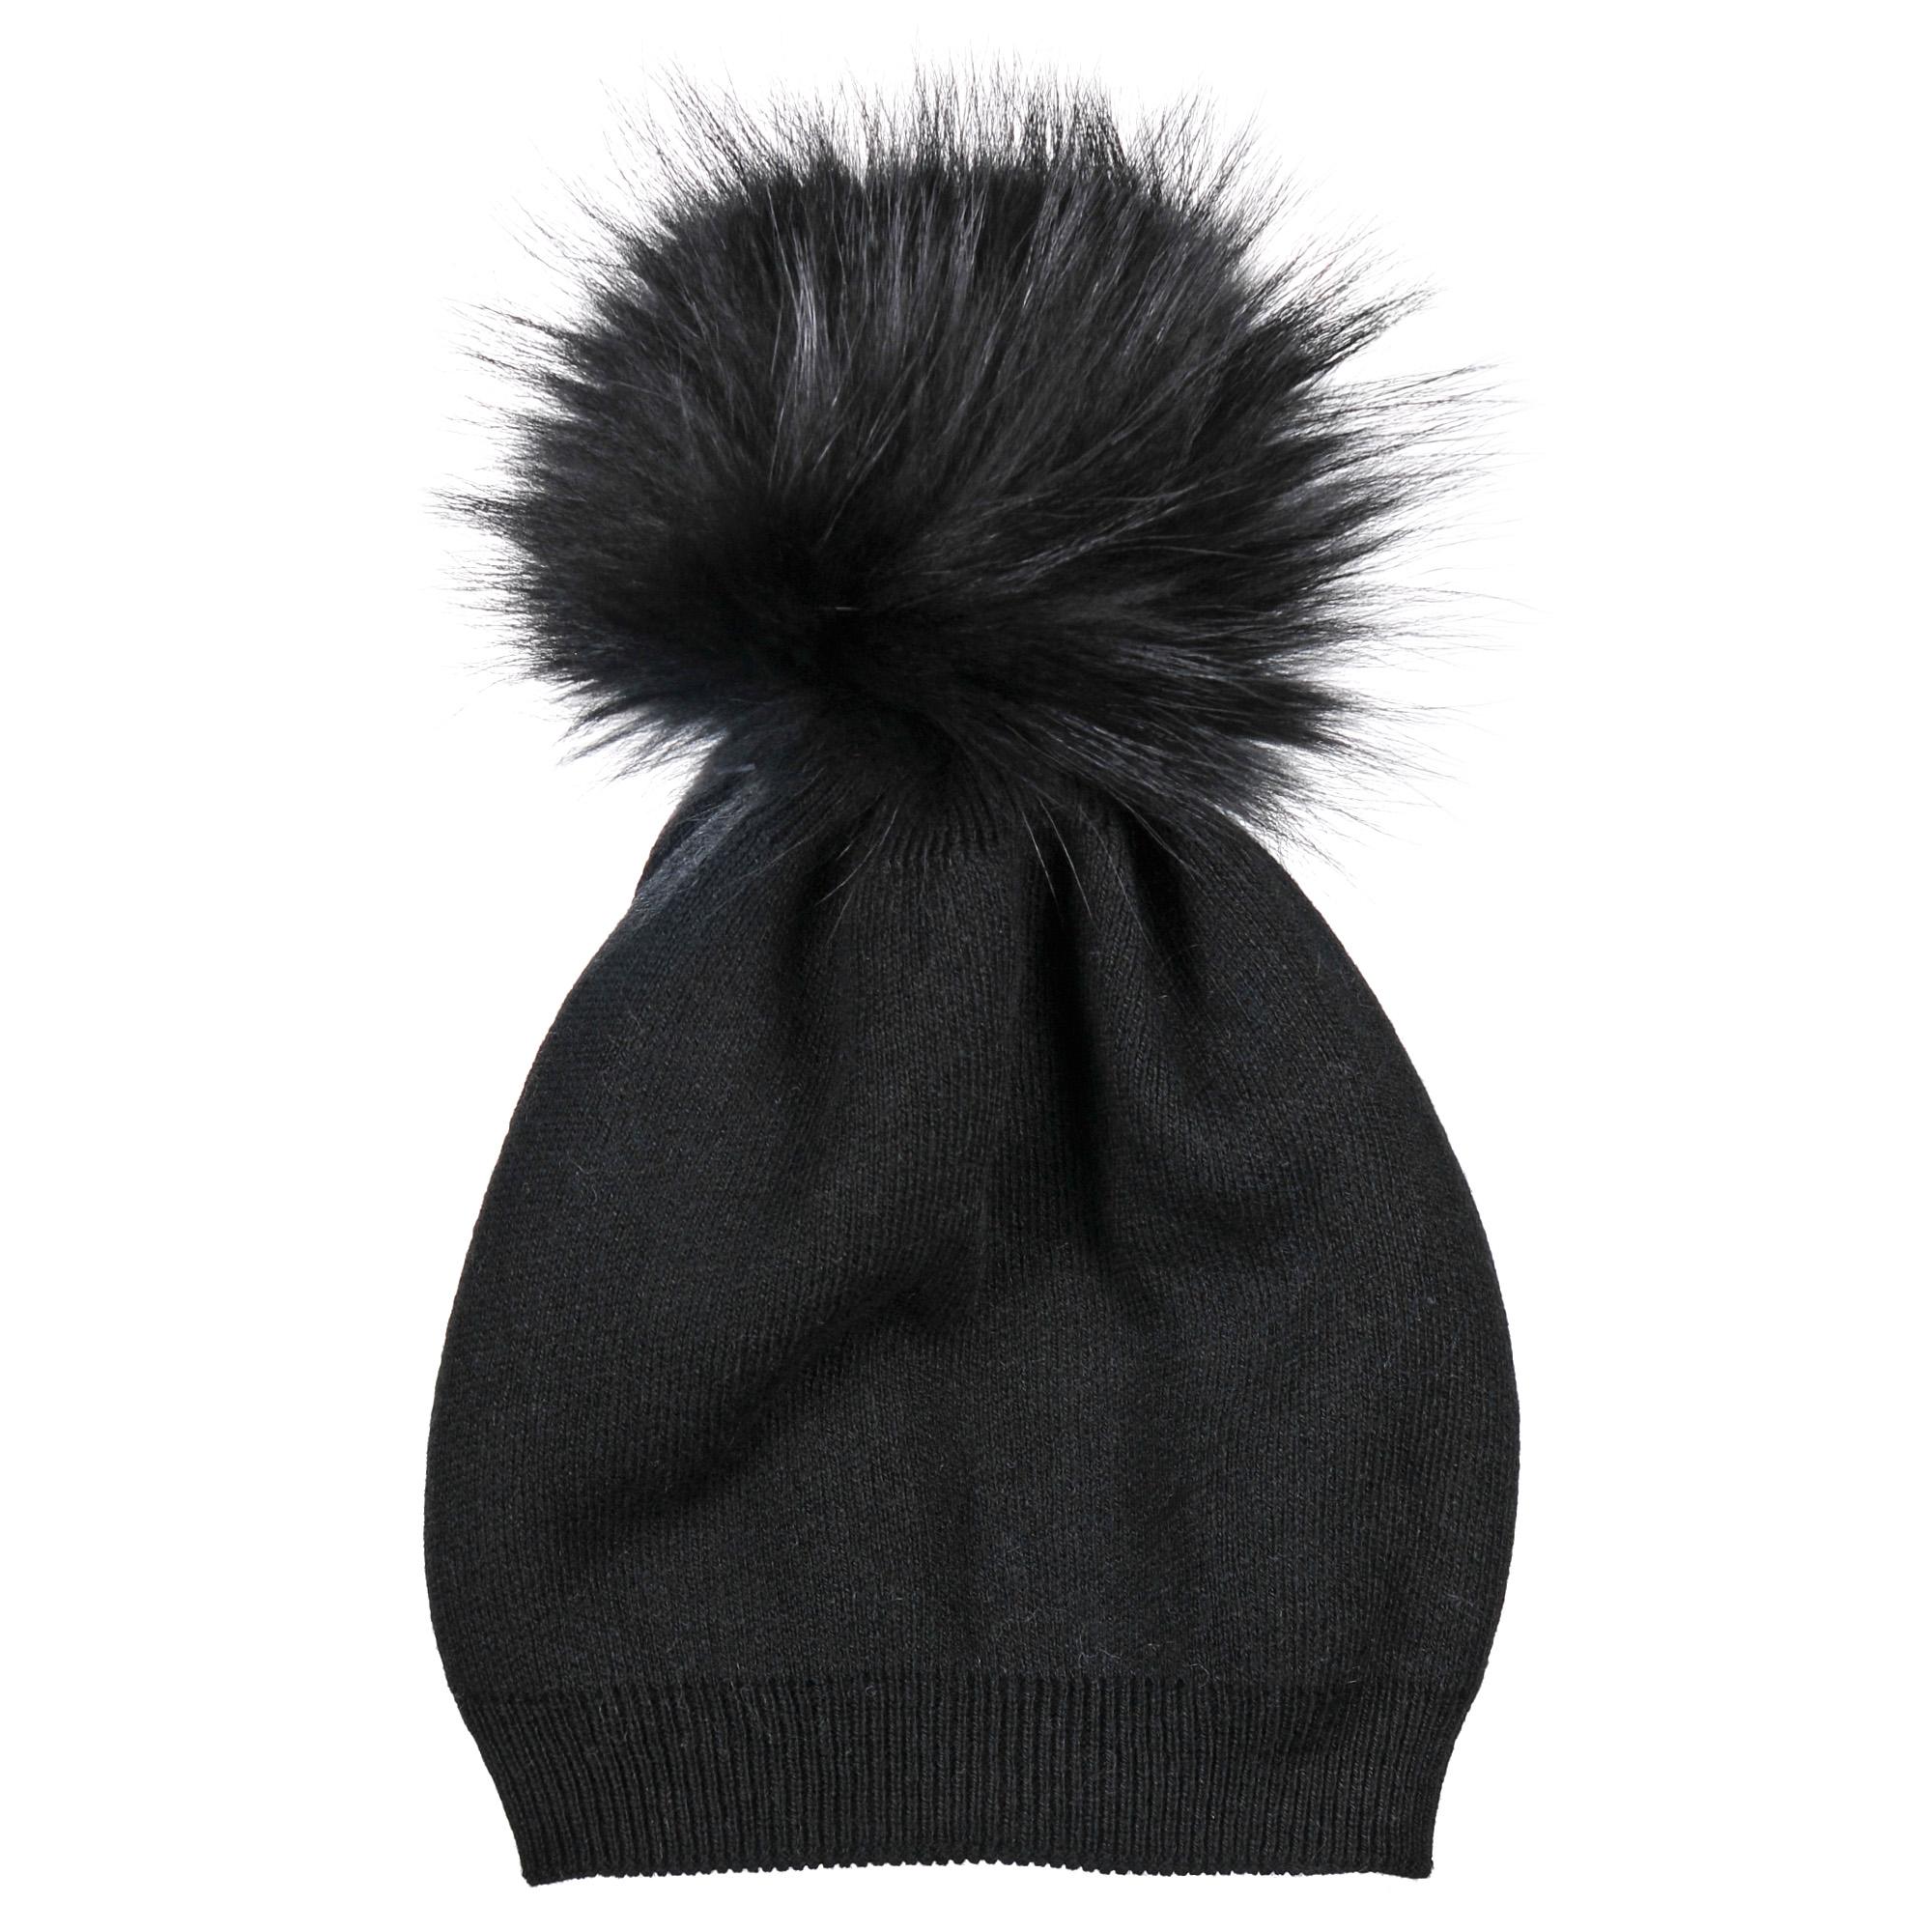 4-0044-023Стильная двуслойная шапка-чулок с шерстью и помпоном из натурального меха. Отличный аксессуар защитит в непогоду и подарит ощущение теплоты.